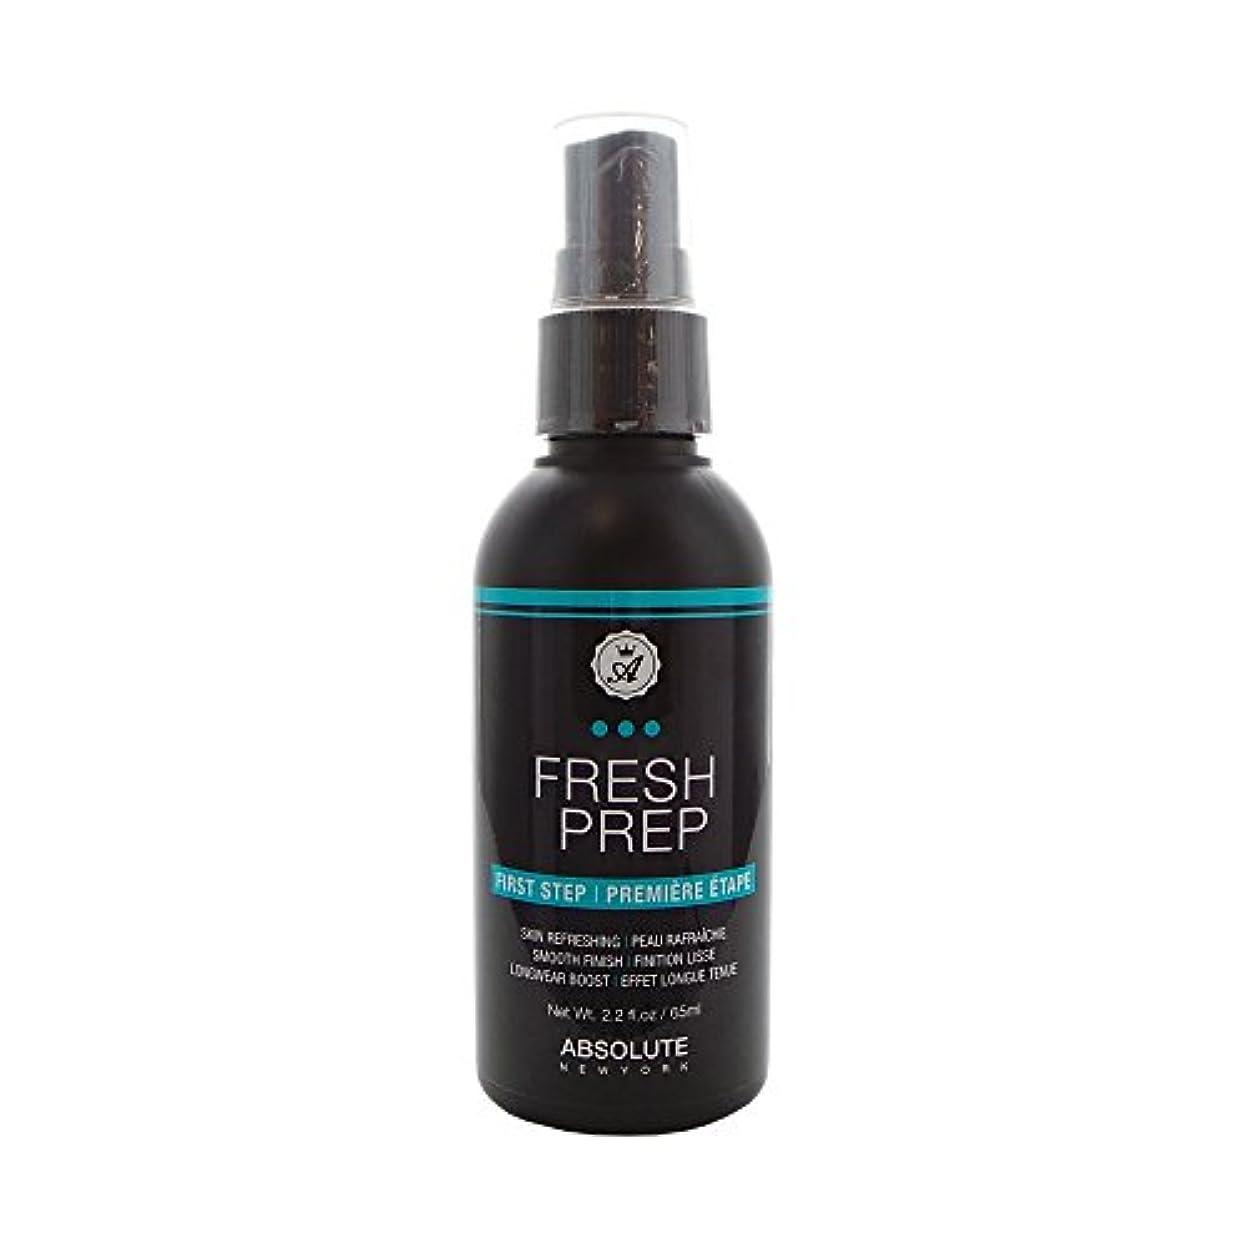 発言するメールその結果(3 Pack) ABSOLUTE Fresh Prep Primer Spray (並行輸入品)